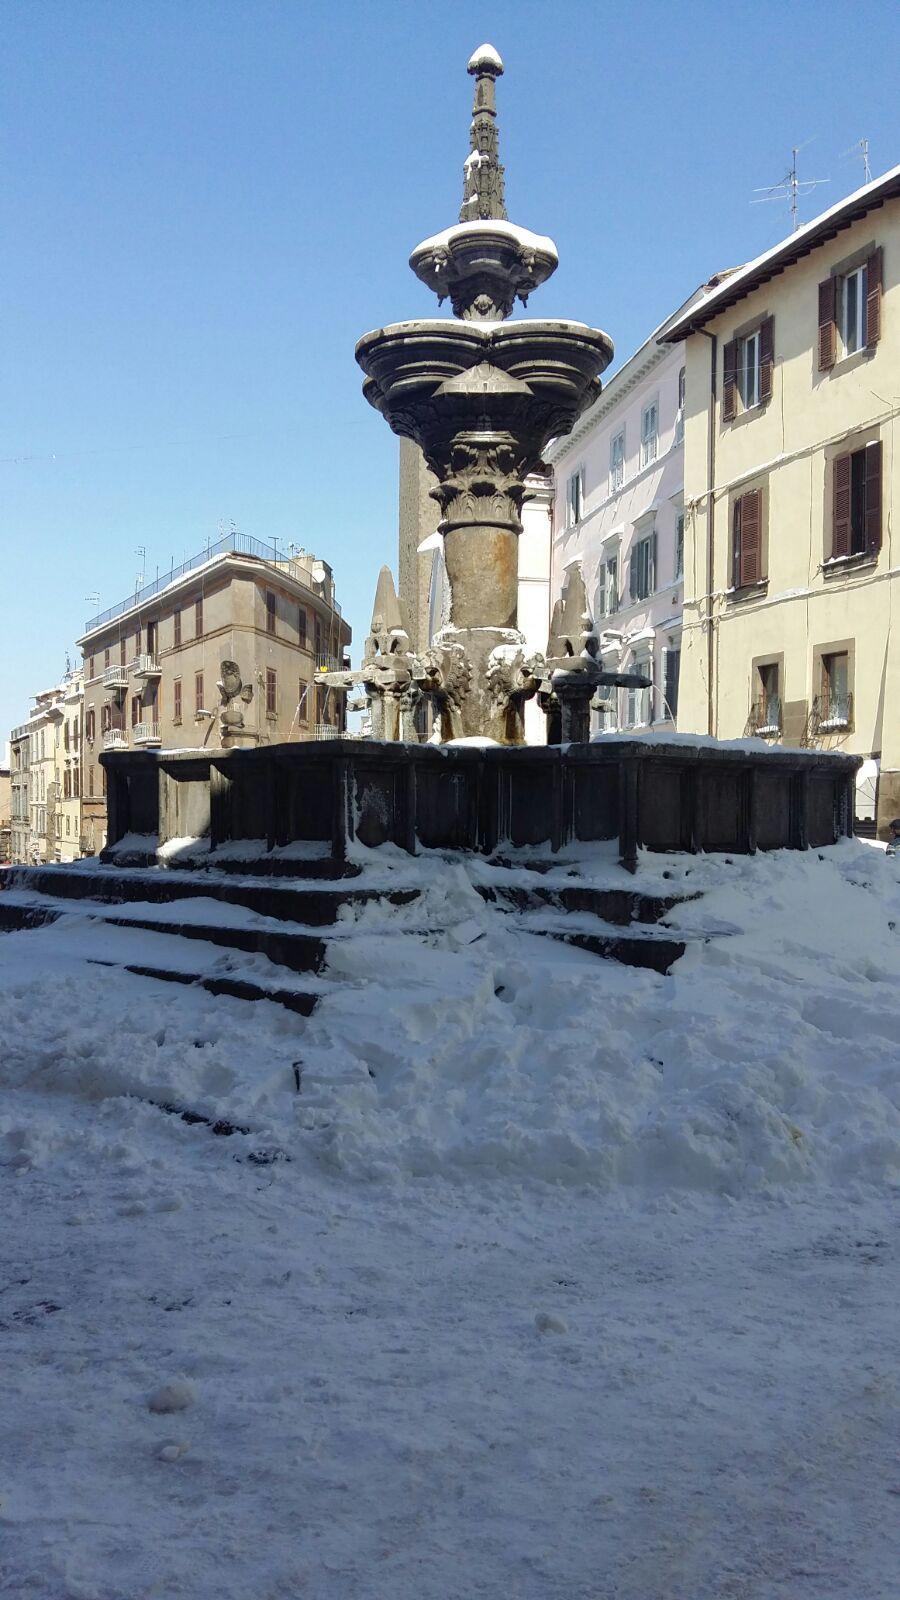 """Emergenza neve: un favore, per """"troppo amore"""", che sia un priorità liberare le fontane dalla neve"""